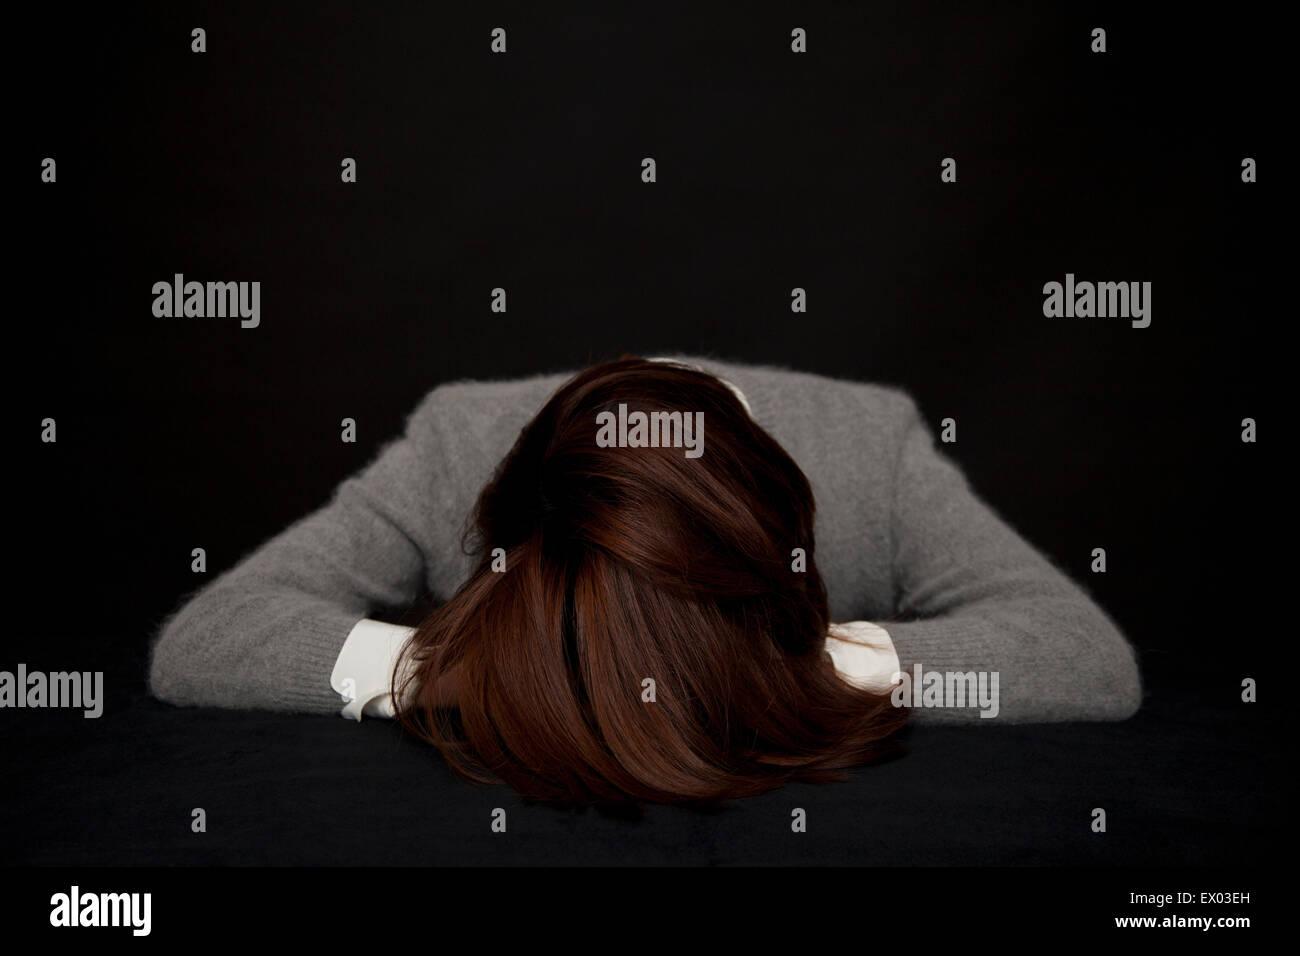 Porträt der Frau ruhen Kopf auf Tisch Stockfoto